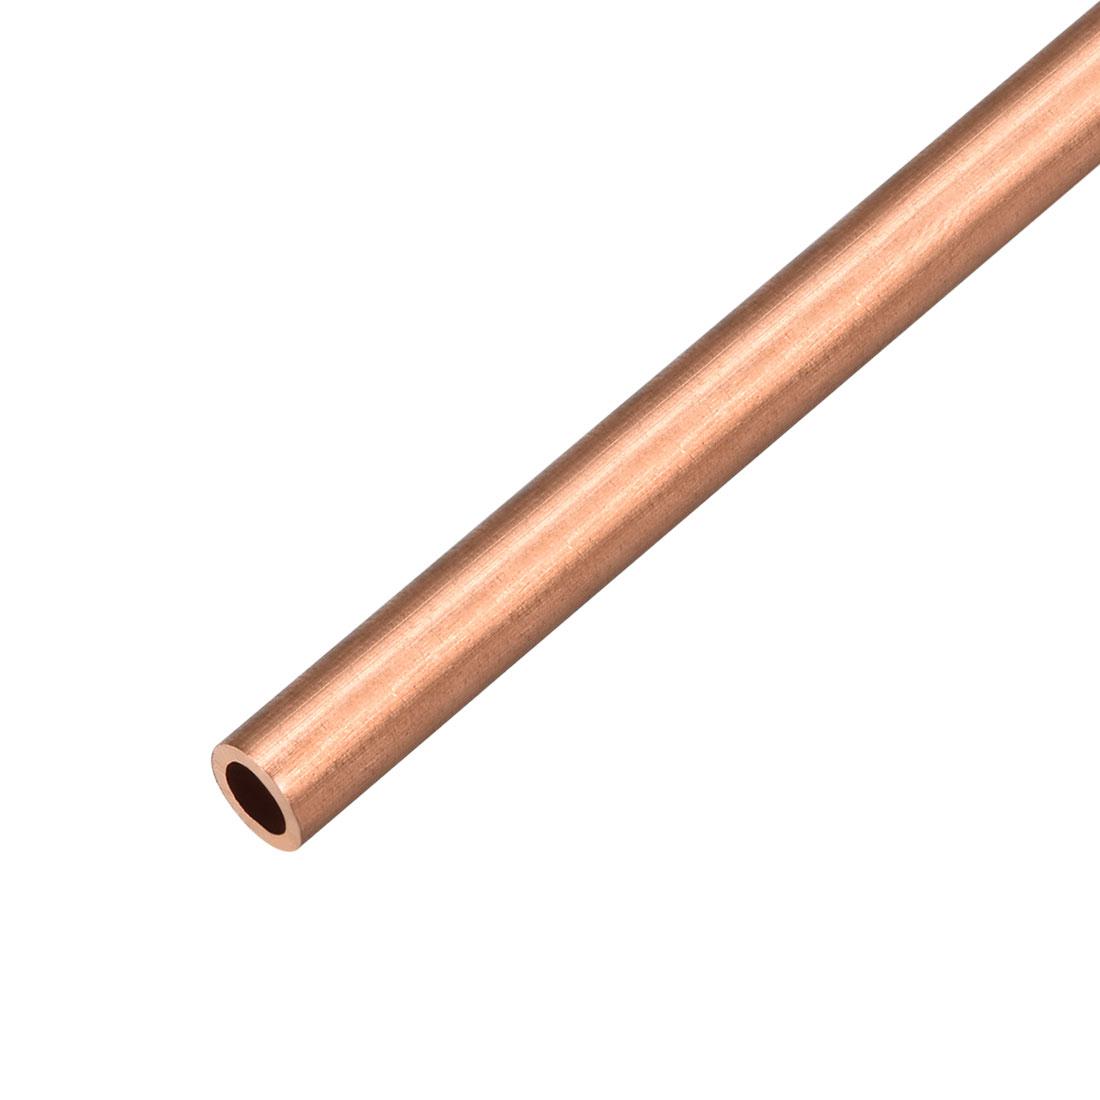 7mm Outside Diameter x 4mm Inside Diameter 500mm Copper Round Tube Pipe